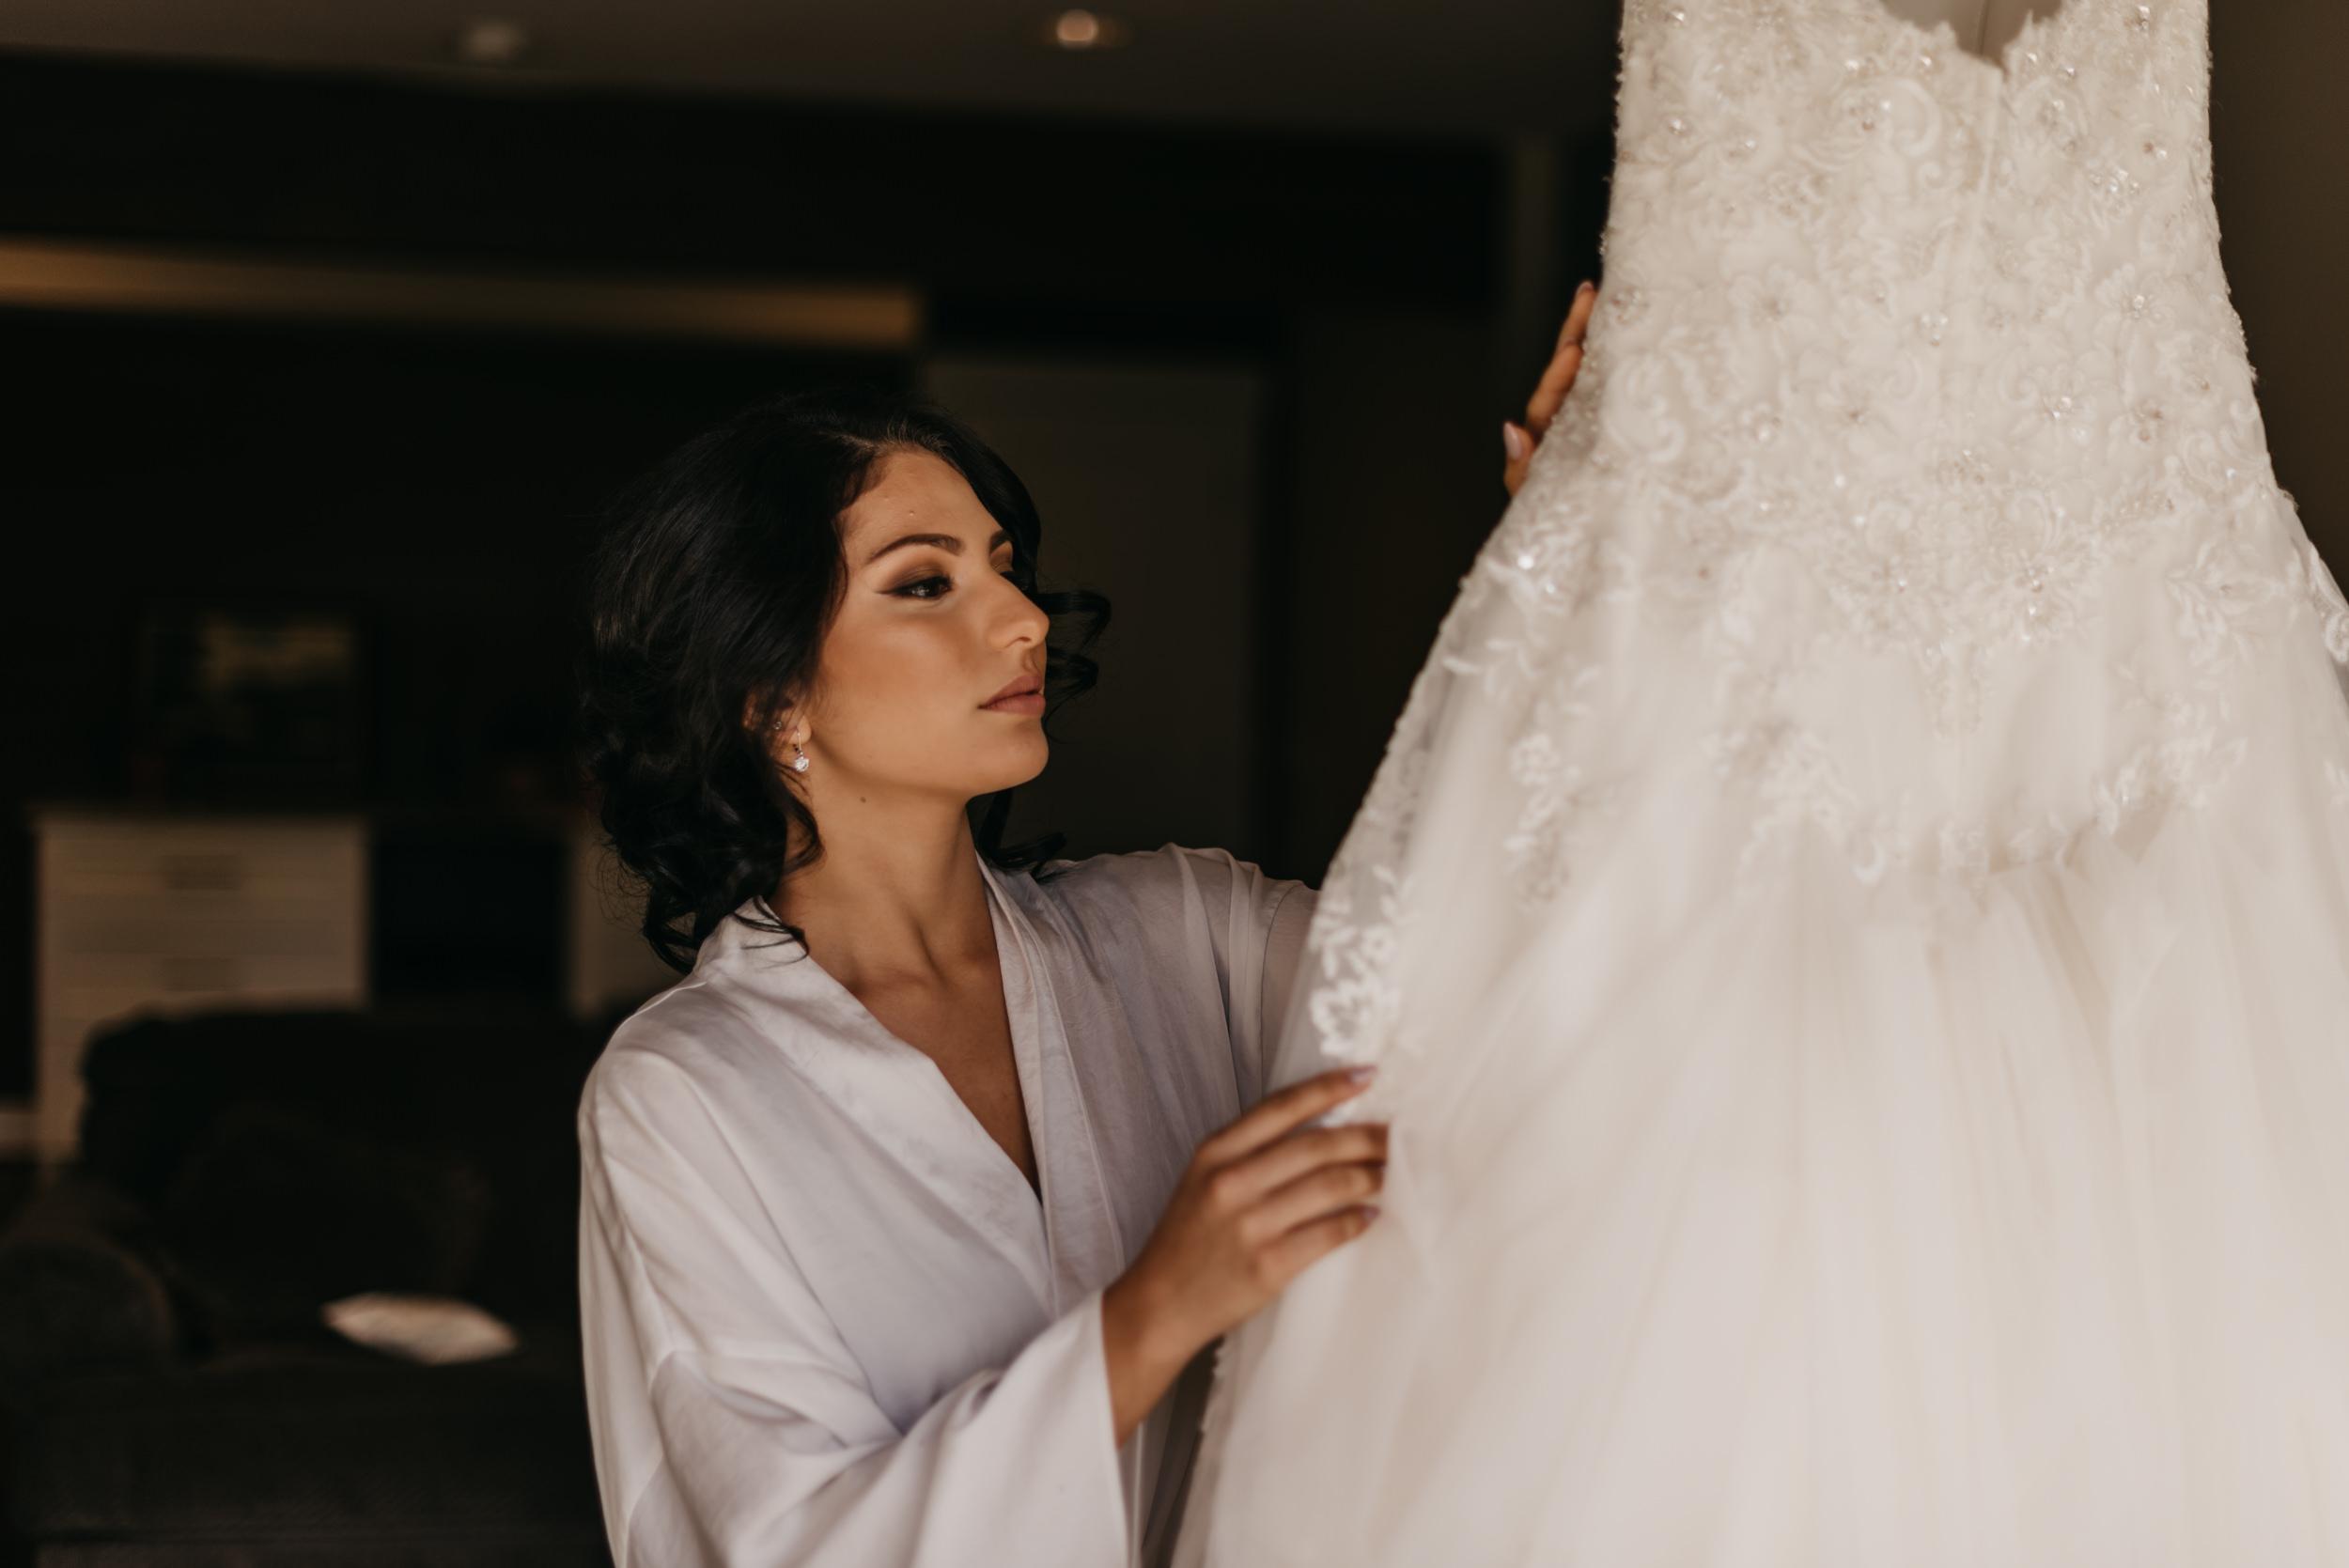 9-bride-getting-ready-groom-bridesmaids-6916.jpg